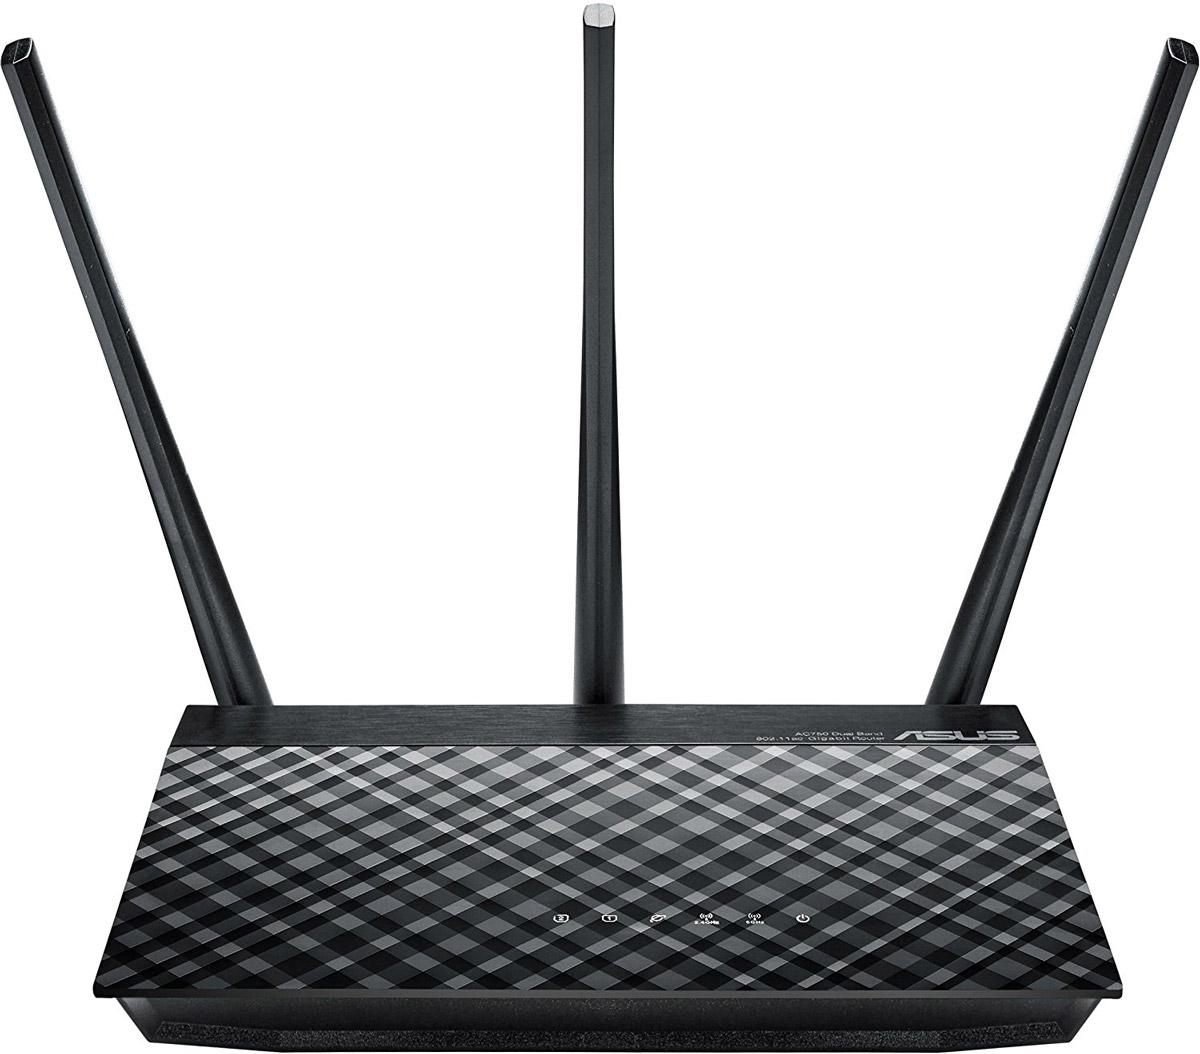 ASUS RT-AC53 маршрутизатор90IG02Z1-BM3000Двухдиапазонный маршрутизатор стандарта Wi-Fi 802.11ac. RT-AC53U – это двухдиапазонный беспроводной маршрутизатор стандарта 802.11ac, который поддерживает скорость передачи данных 433 Мбит/с в диапазоне 5 ГГц и 300 Мбит/с в диапазоне 2,4 ГГц. Он уже сейчас дает возможность всем пользователям насладиться преимуществами новой технологии, которую относят к пятому поколению беспроводных средств коммуникации. Благодаря возможности одновременной работы в двух частотных диапазонах (2,4 и 5 ГГц) со скоростью 300 Мбит/с и 433 Мбит/с, соответственно, RT-AC53 обеспечивает общую скорость передачи данных по беспроводной сети на уровне 733 Мбит/с. Высокоскоростной WAN-порт стандарта Gigabit Ethernet позволяет подключить маршрутизатор к сети провайдера на полной скорости. Помимо стандартного режима работы в качестве беспроводного маршрутизатора устройство может использоваться в режиме беспроводной точки доступа или повторителя. Выбор режима производится легко и быстро через программный интерфейс устройства. Следите за тем, чтобы на вашем устройстве была установлена актуальная прошивка. С ней вы получаете новые возможности и обеспечиваете максимальную безопасность данных в сети. Детальнее об обновлении прошивки.